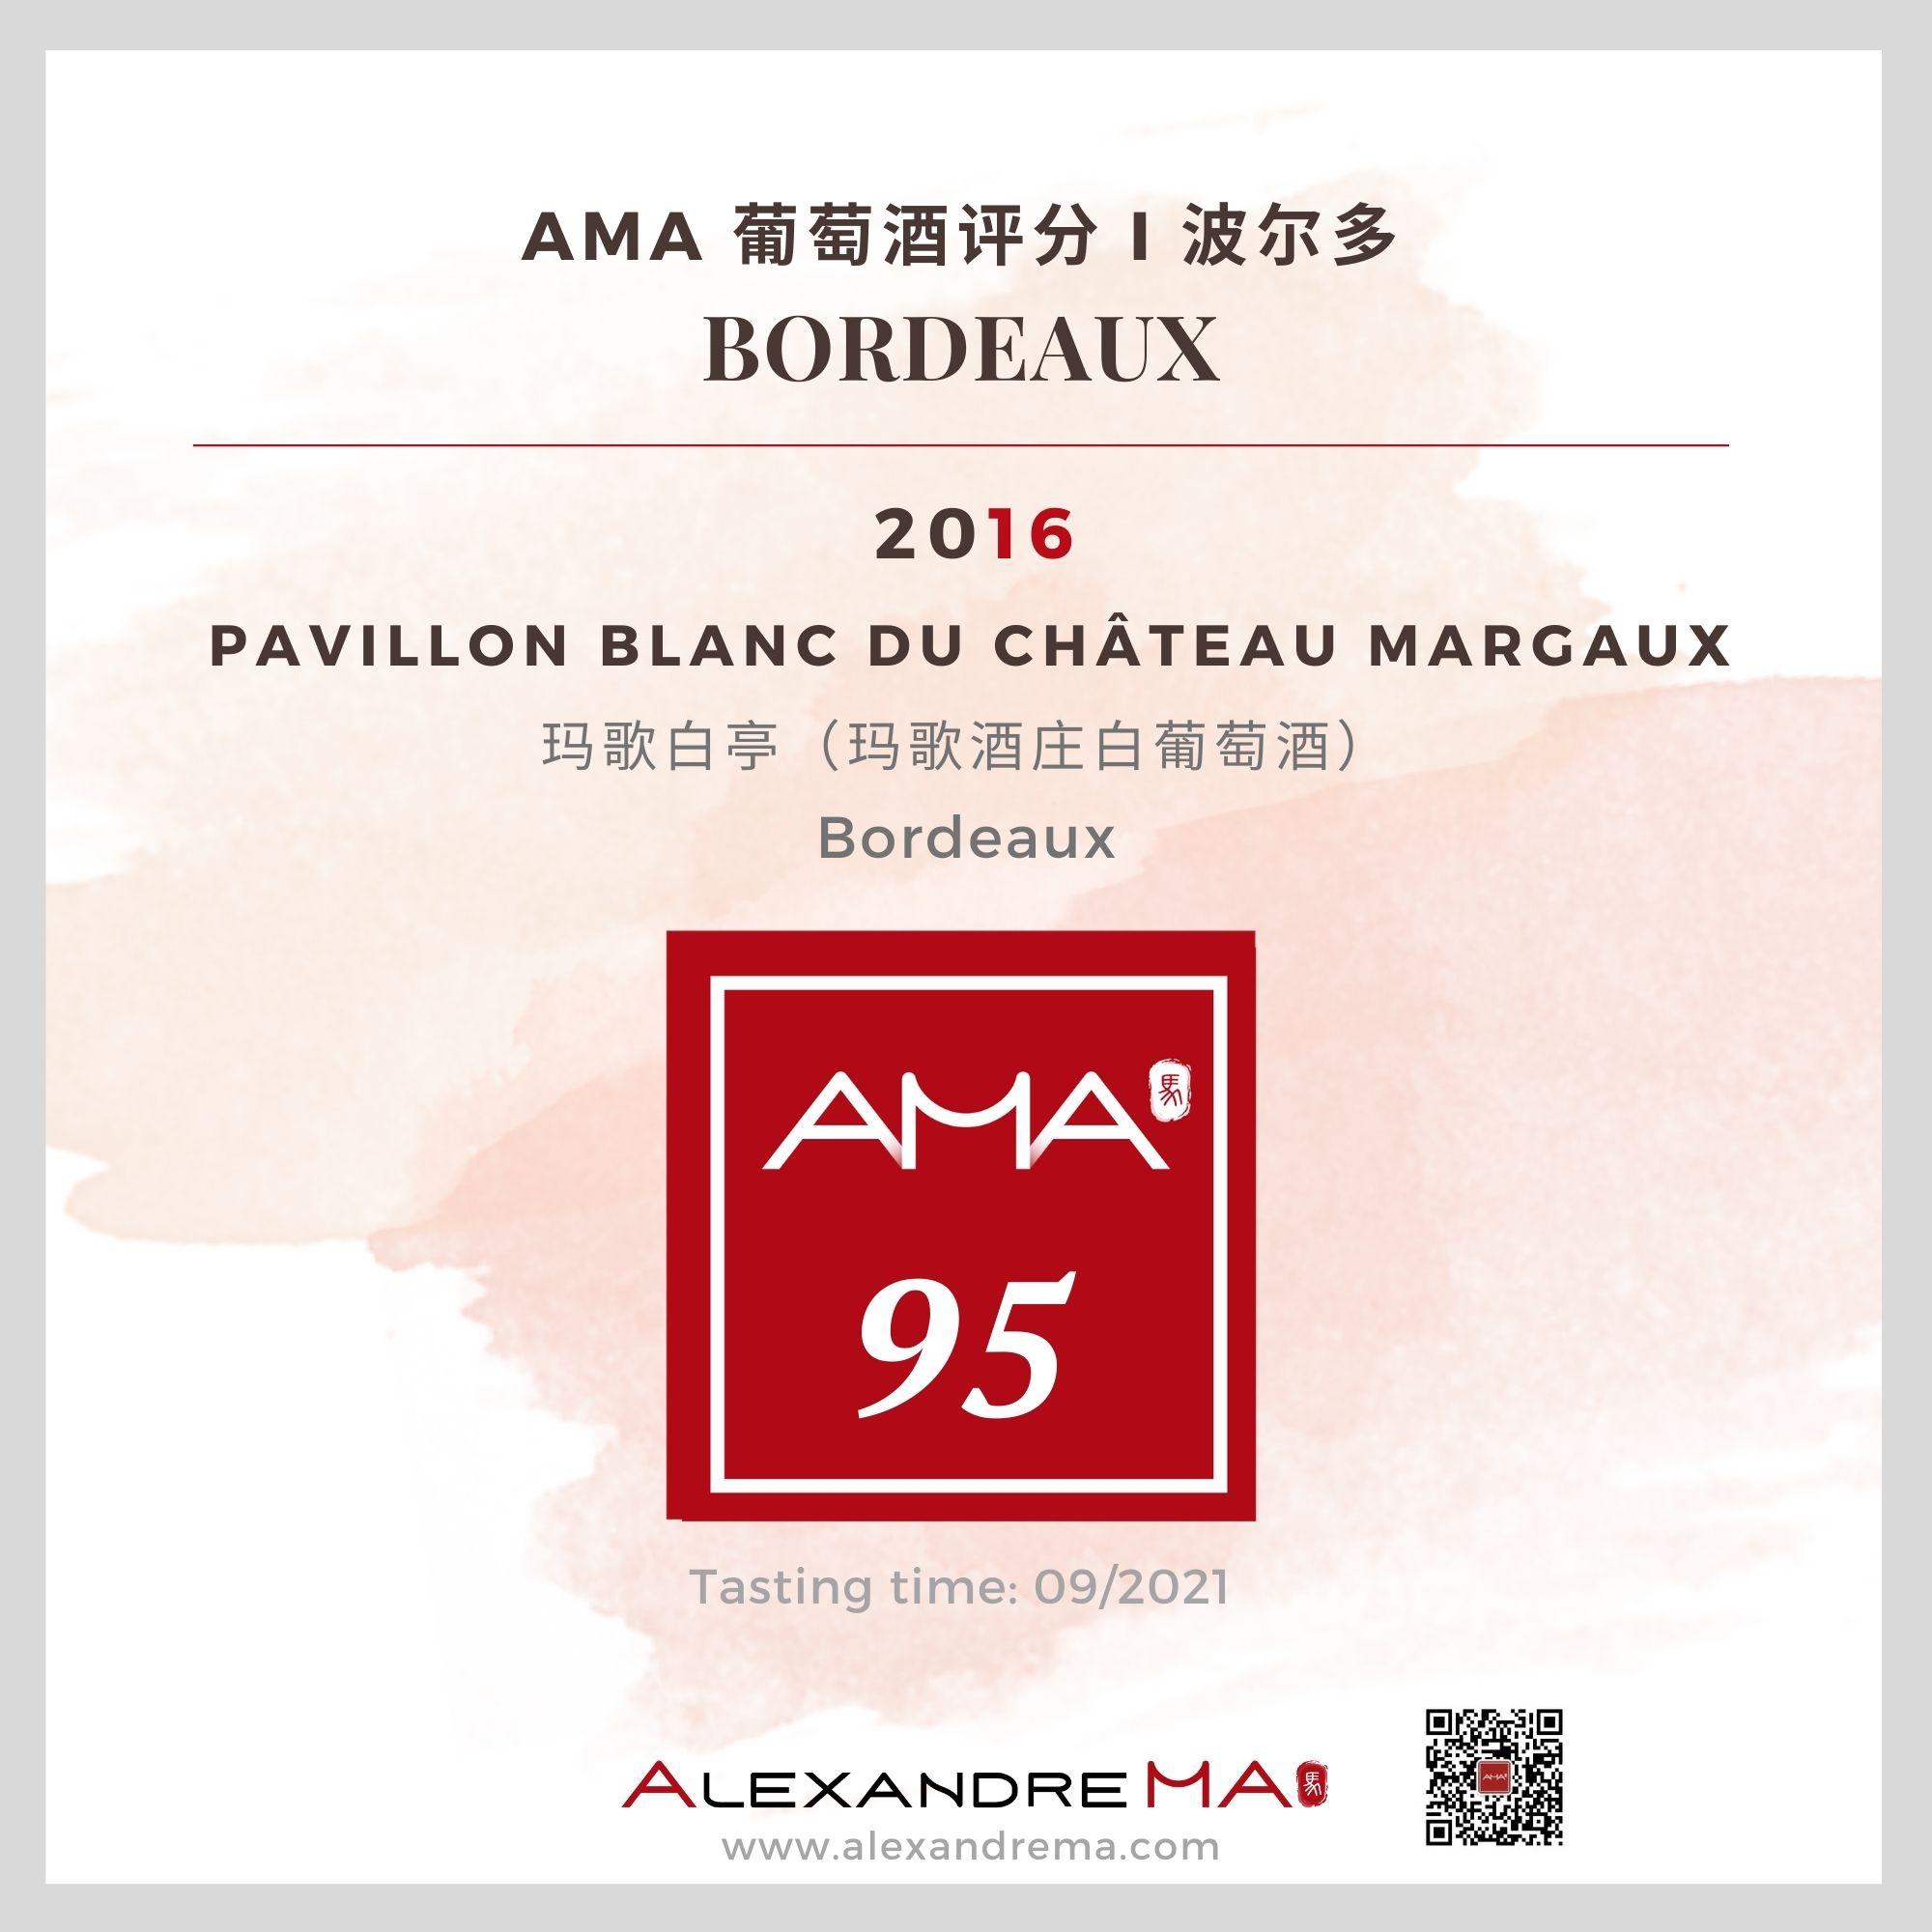 Château Margaux Pavillon Blanc du Château Margaux 2016 玛歌白亭 - Alexandre Ma